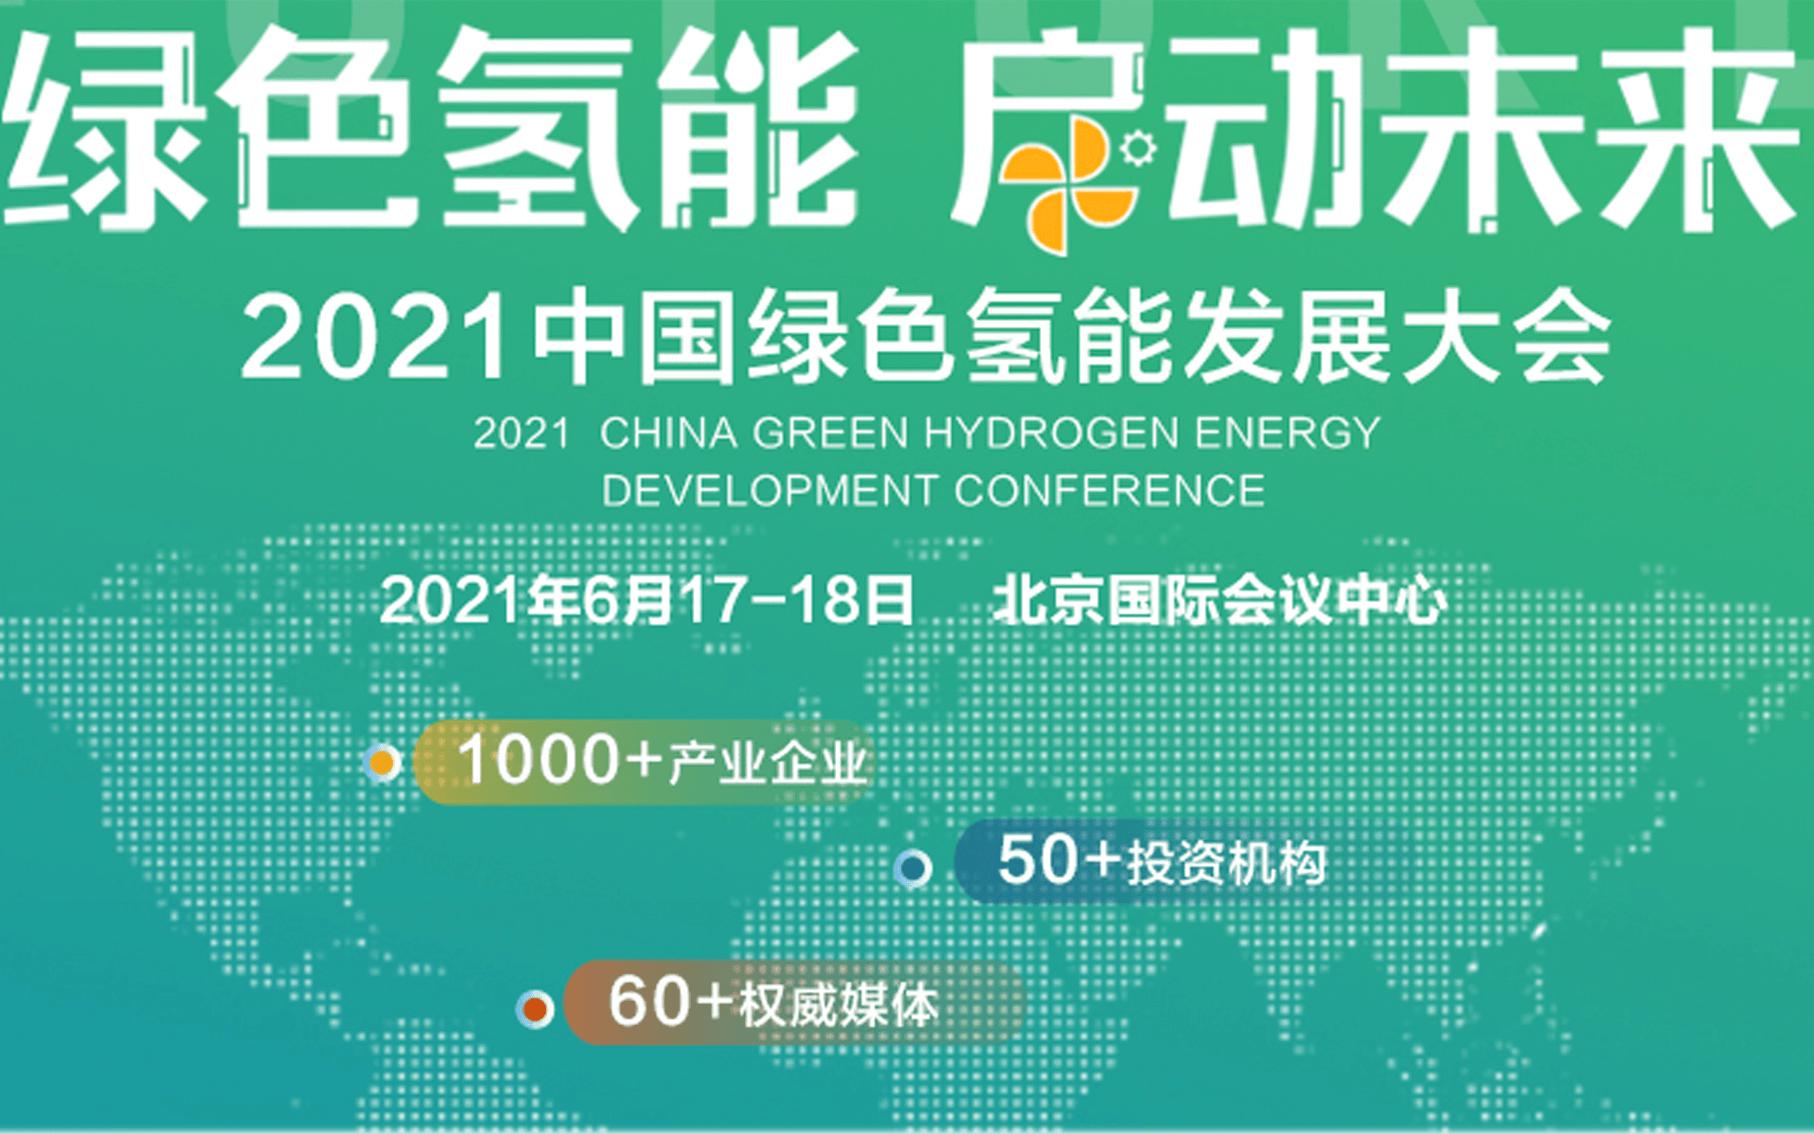 2021中国绿色氢能发展大会